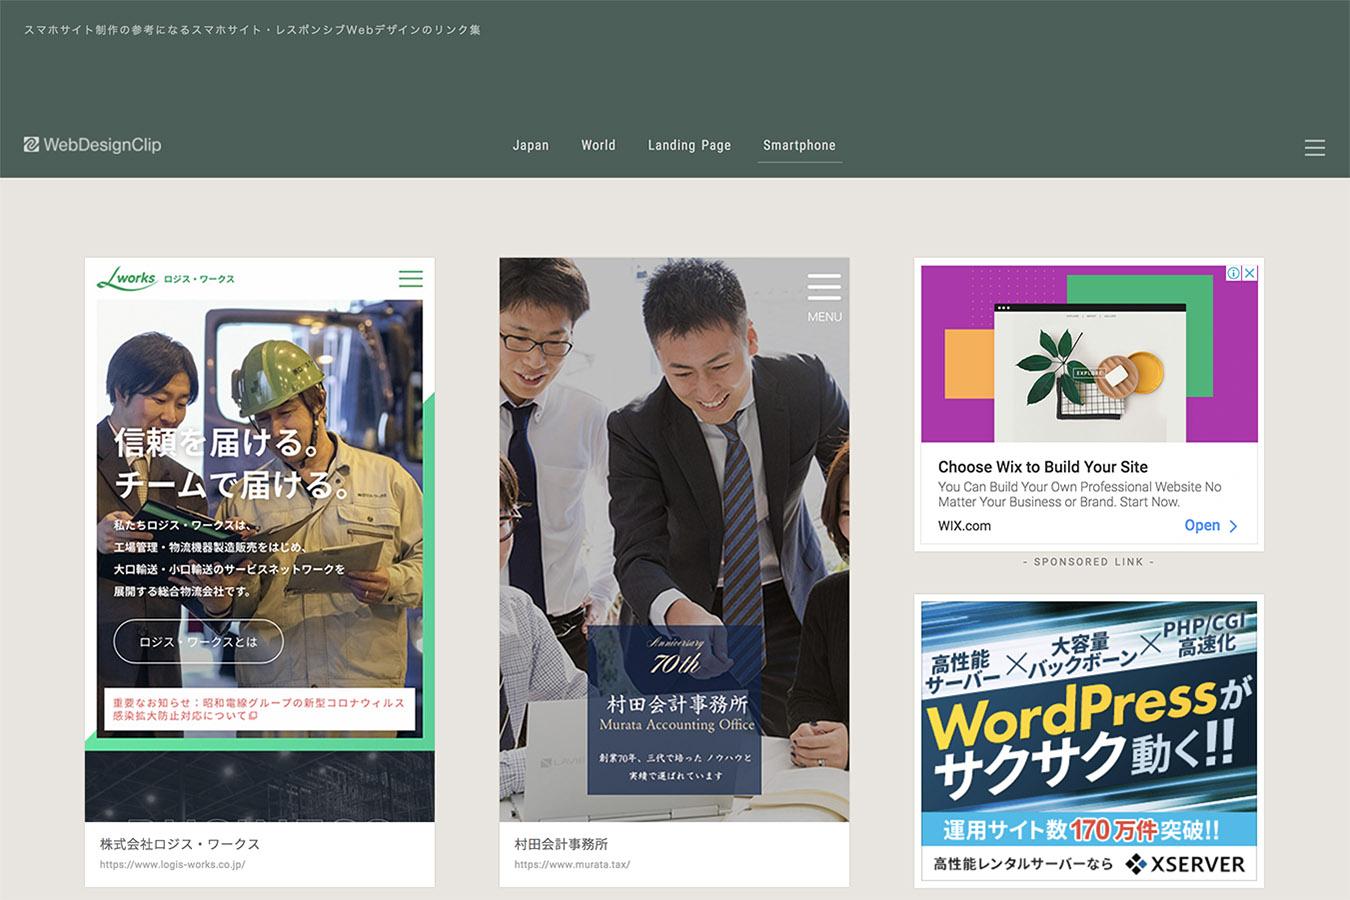 スマホサイトのデザインに参考になるギャラリーサイト